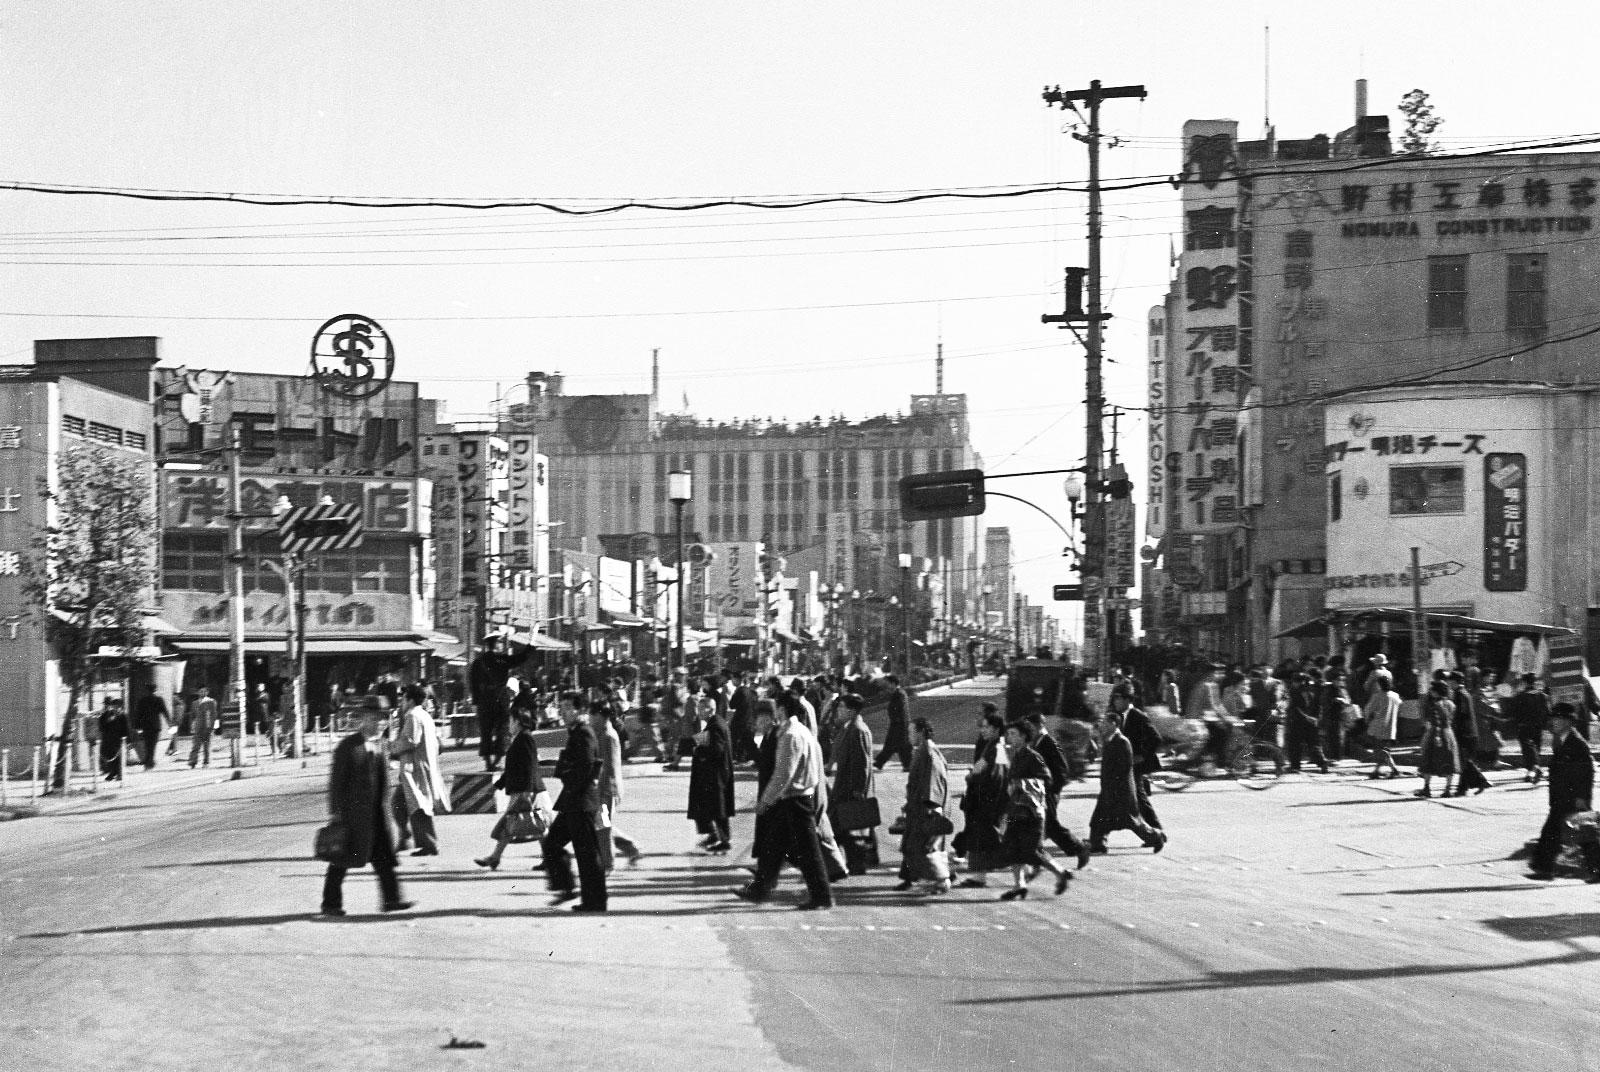 新宿駅前から見た新宿通りの様子。行き交う人々や交通整理する警察官の姿、立ち並ぶ低層の商店などが時代を物語る。昭和27年